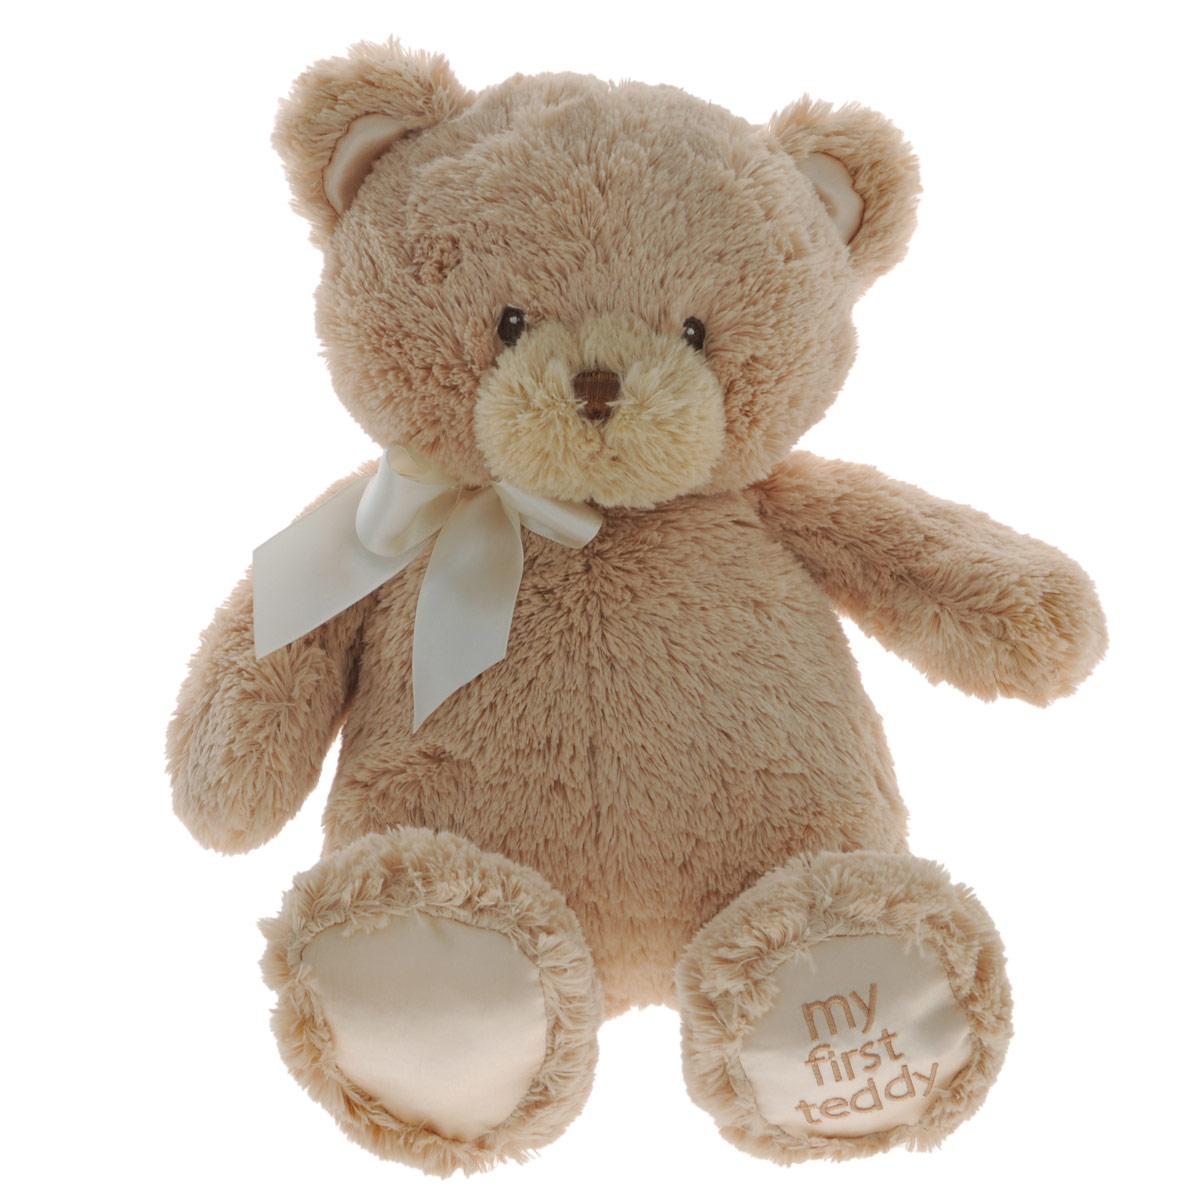 Gund Мягкая игрушка My First Teddy цвет бежевый 38 см240235_бежевыйМягкая игрушка My First Teddy станет отличным подарком как ребенку, так и взрослому. Игрушка невероятно мягкая на ощупь, поэтому с ней приятно не только играть, но и засыпать. Пушистый медвежонок с милым бантиком непременно подарит хорошее настроение своему обладателю.